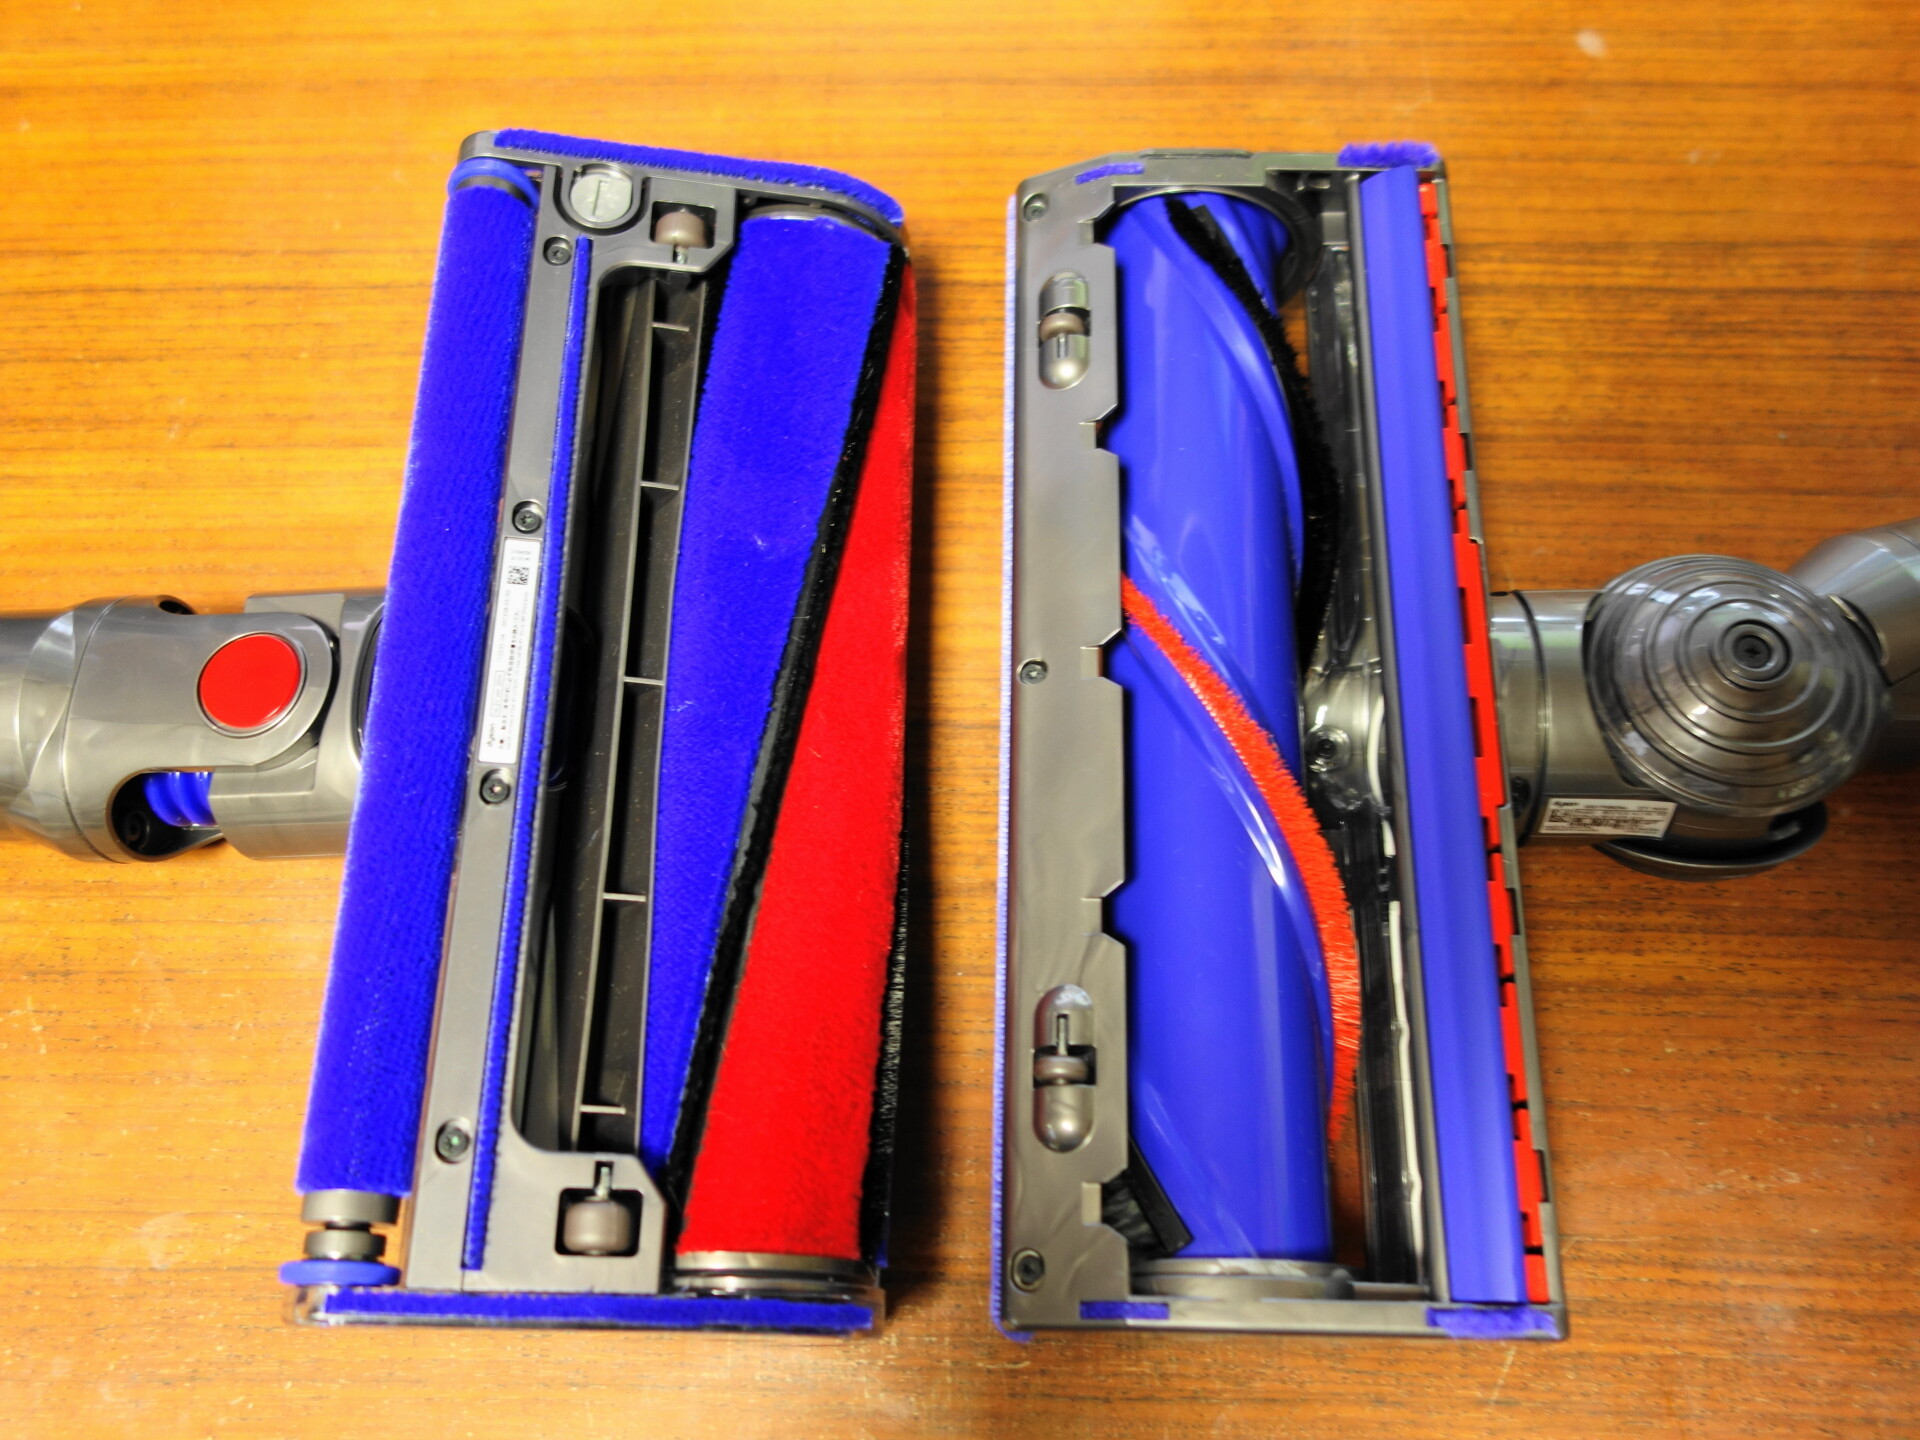 ダイレクトドライブクリーナーヘッドとソフトローラークリーナーヘッド